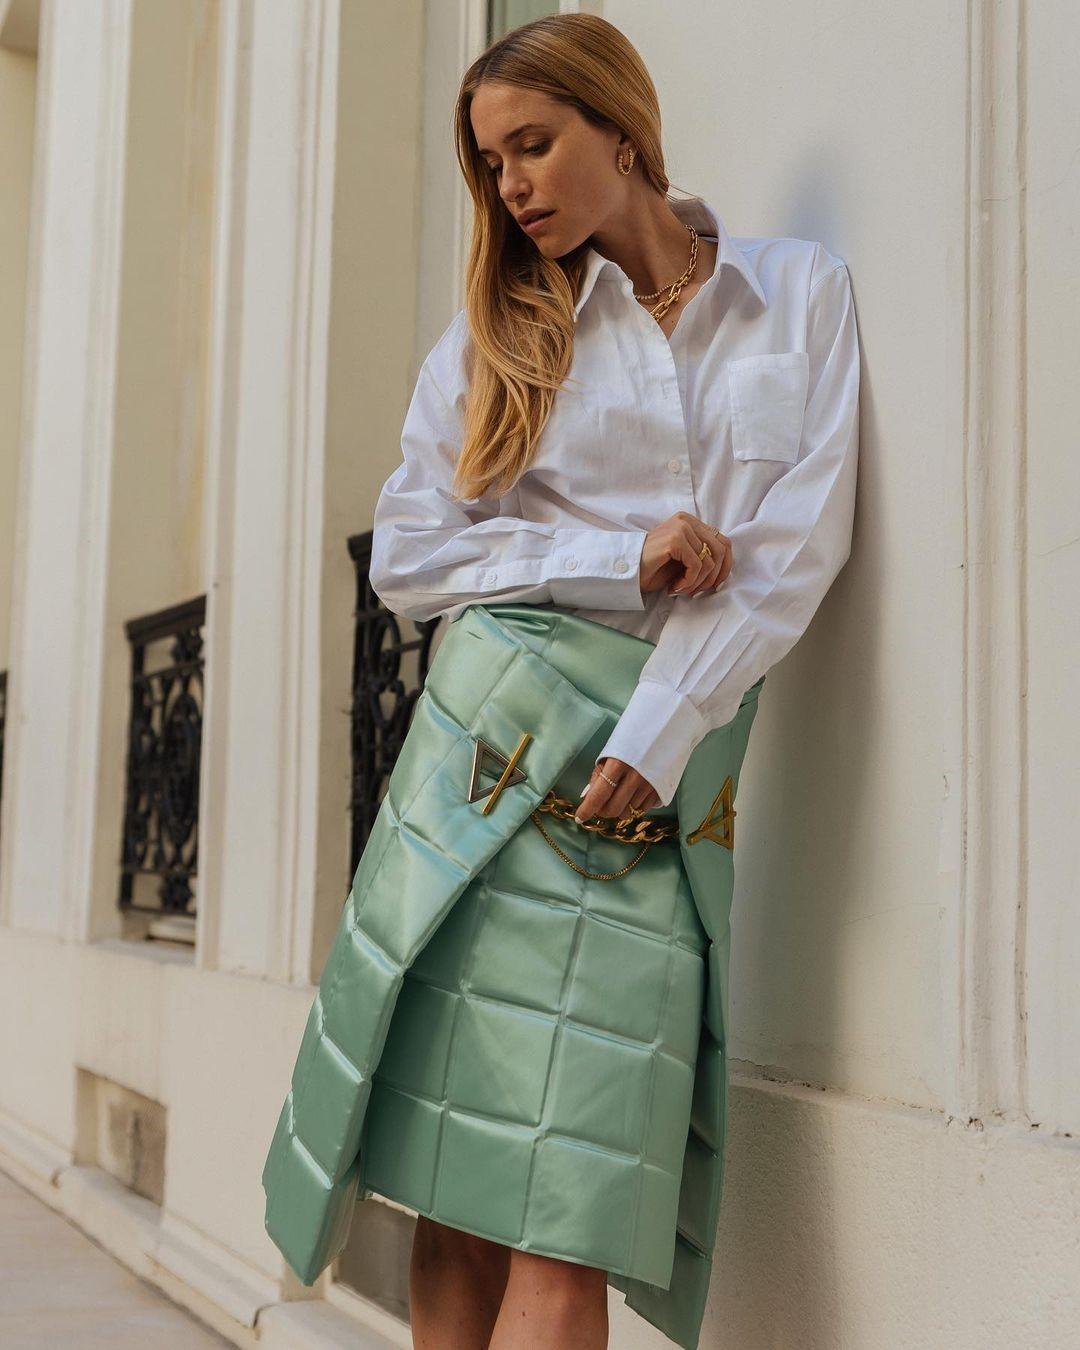 Стёганные юбки